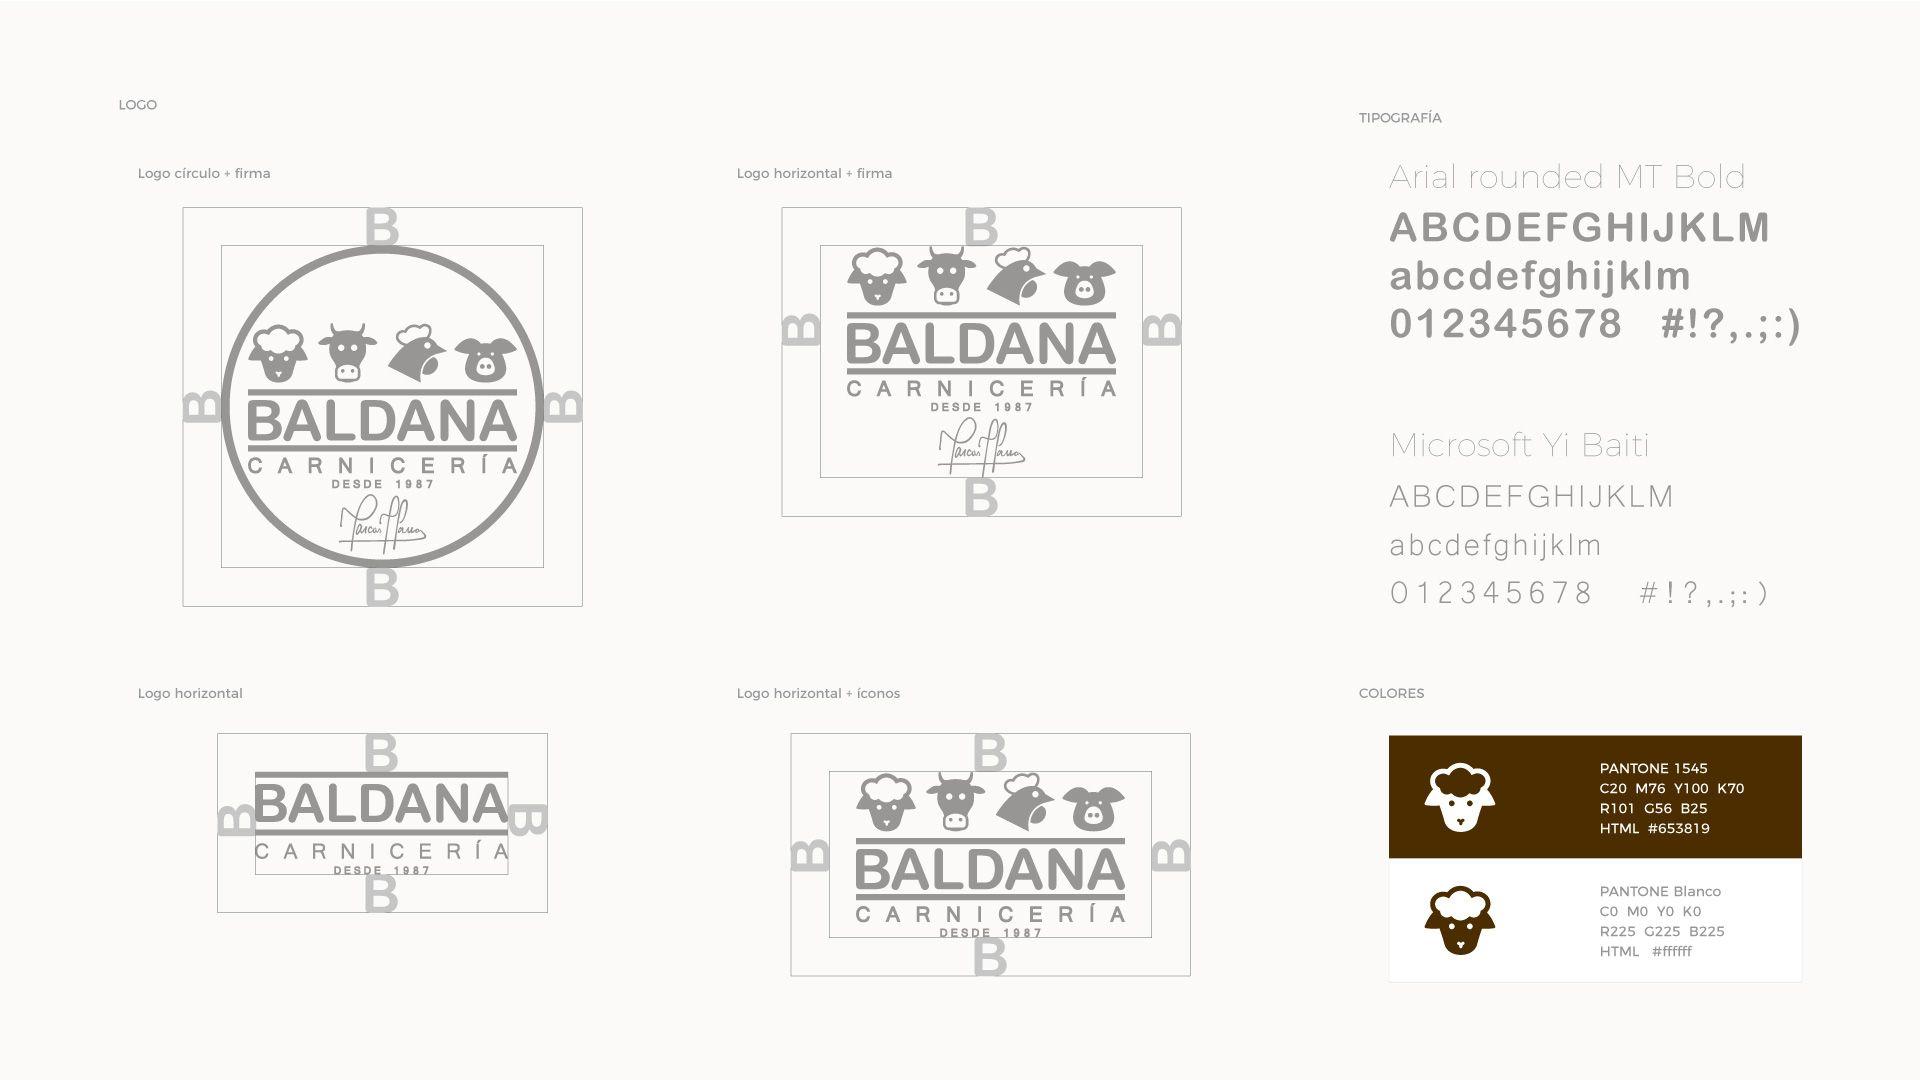 Logo carnicería Baldana